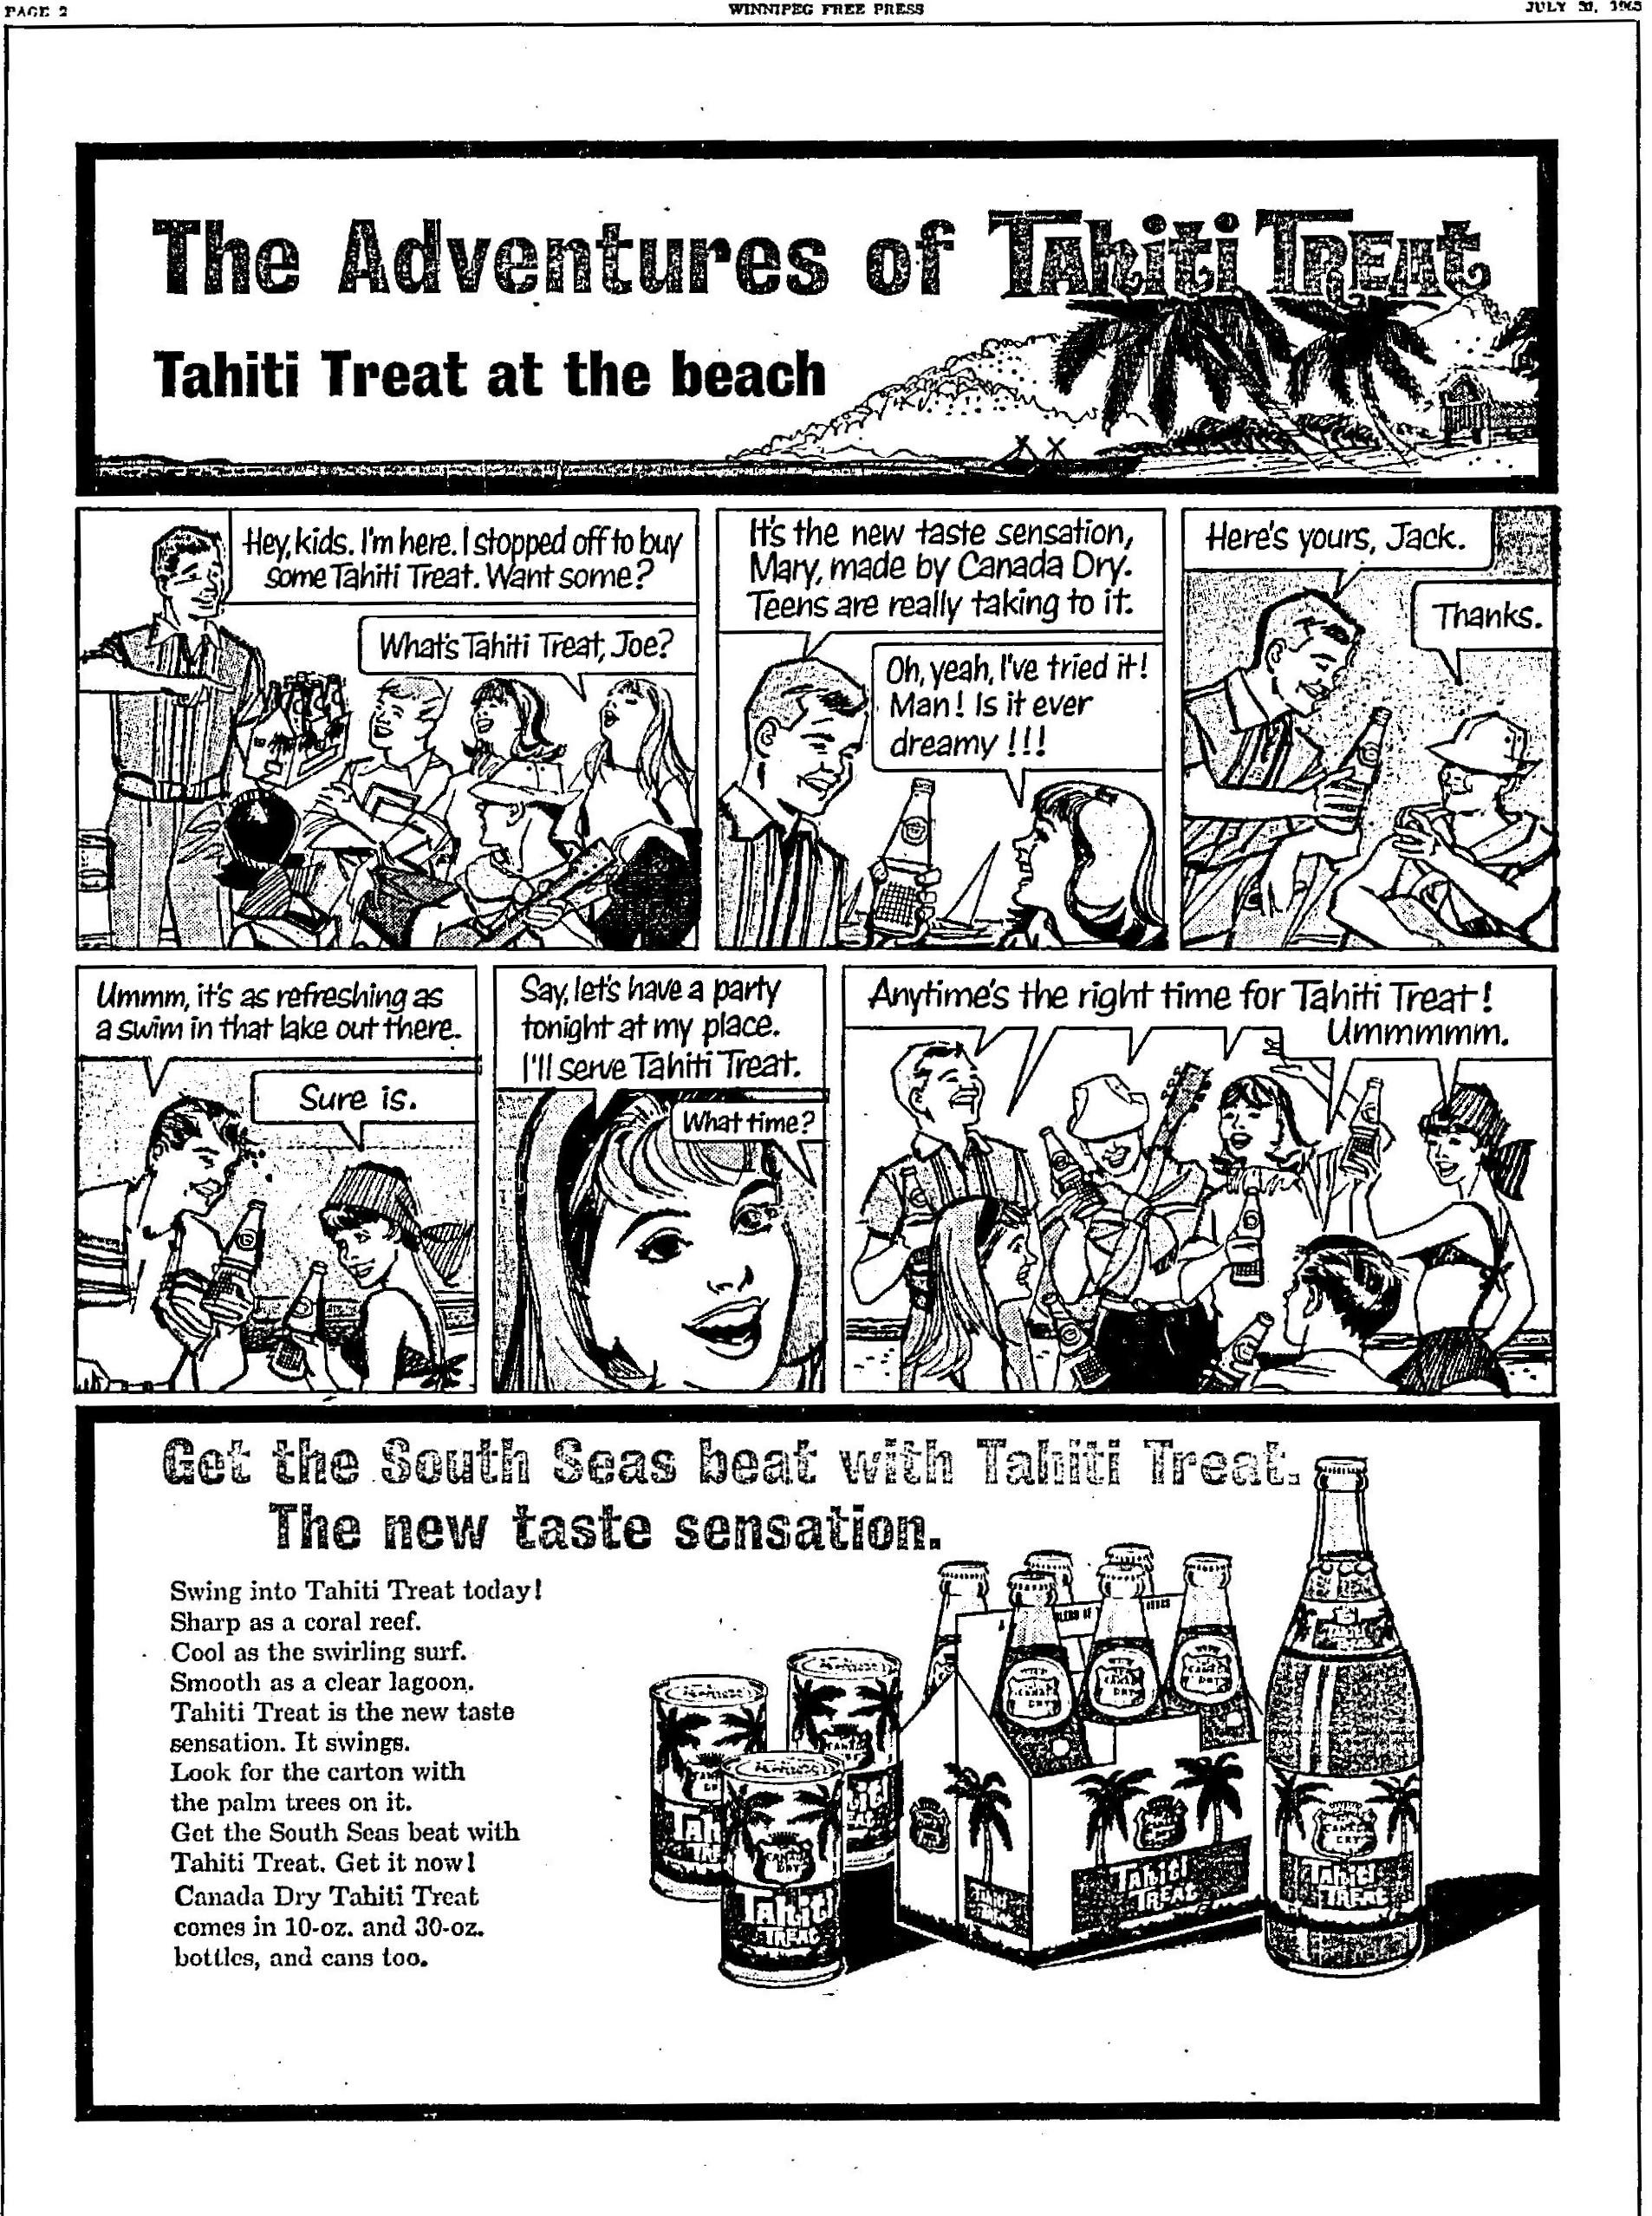 Winnipeg-Free-Press-Jul-31-1965-p-74.Jpeg